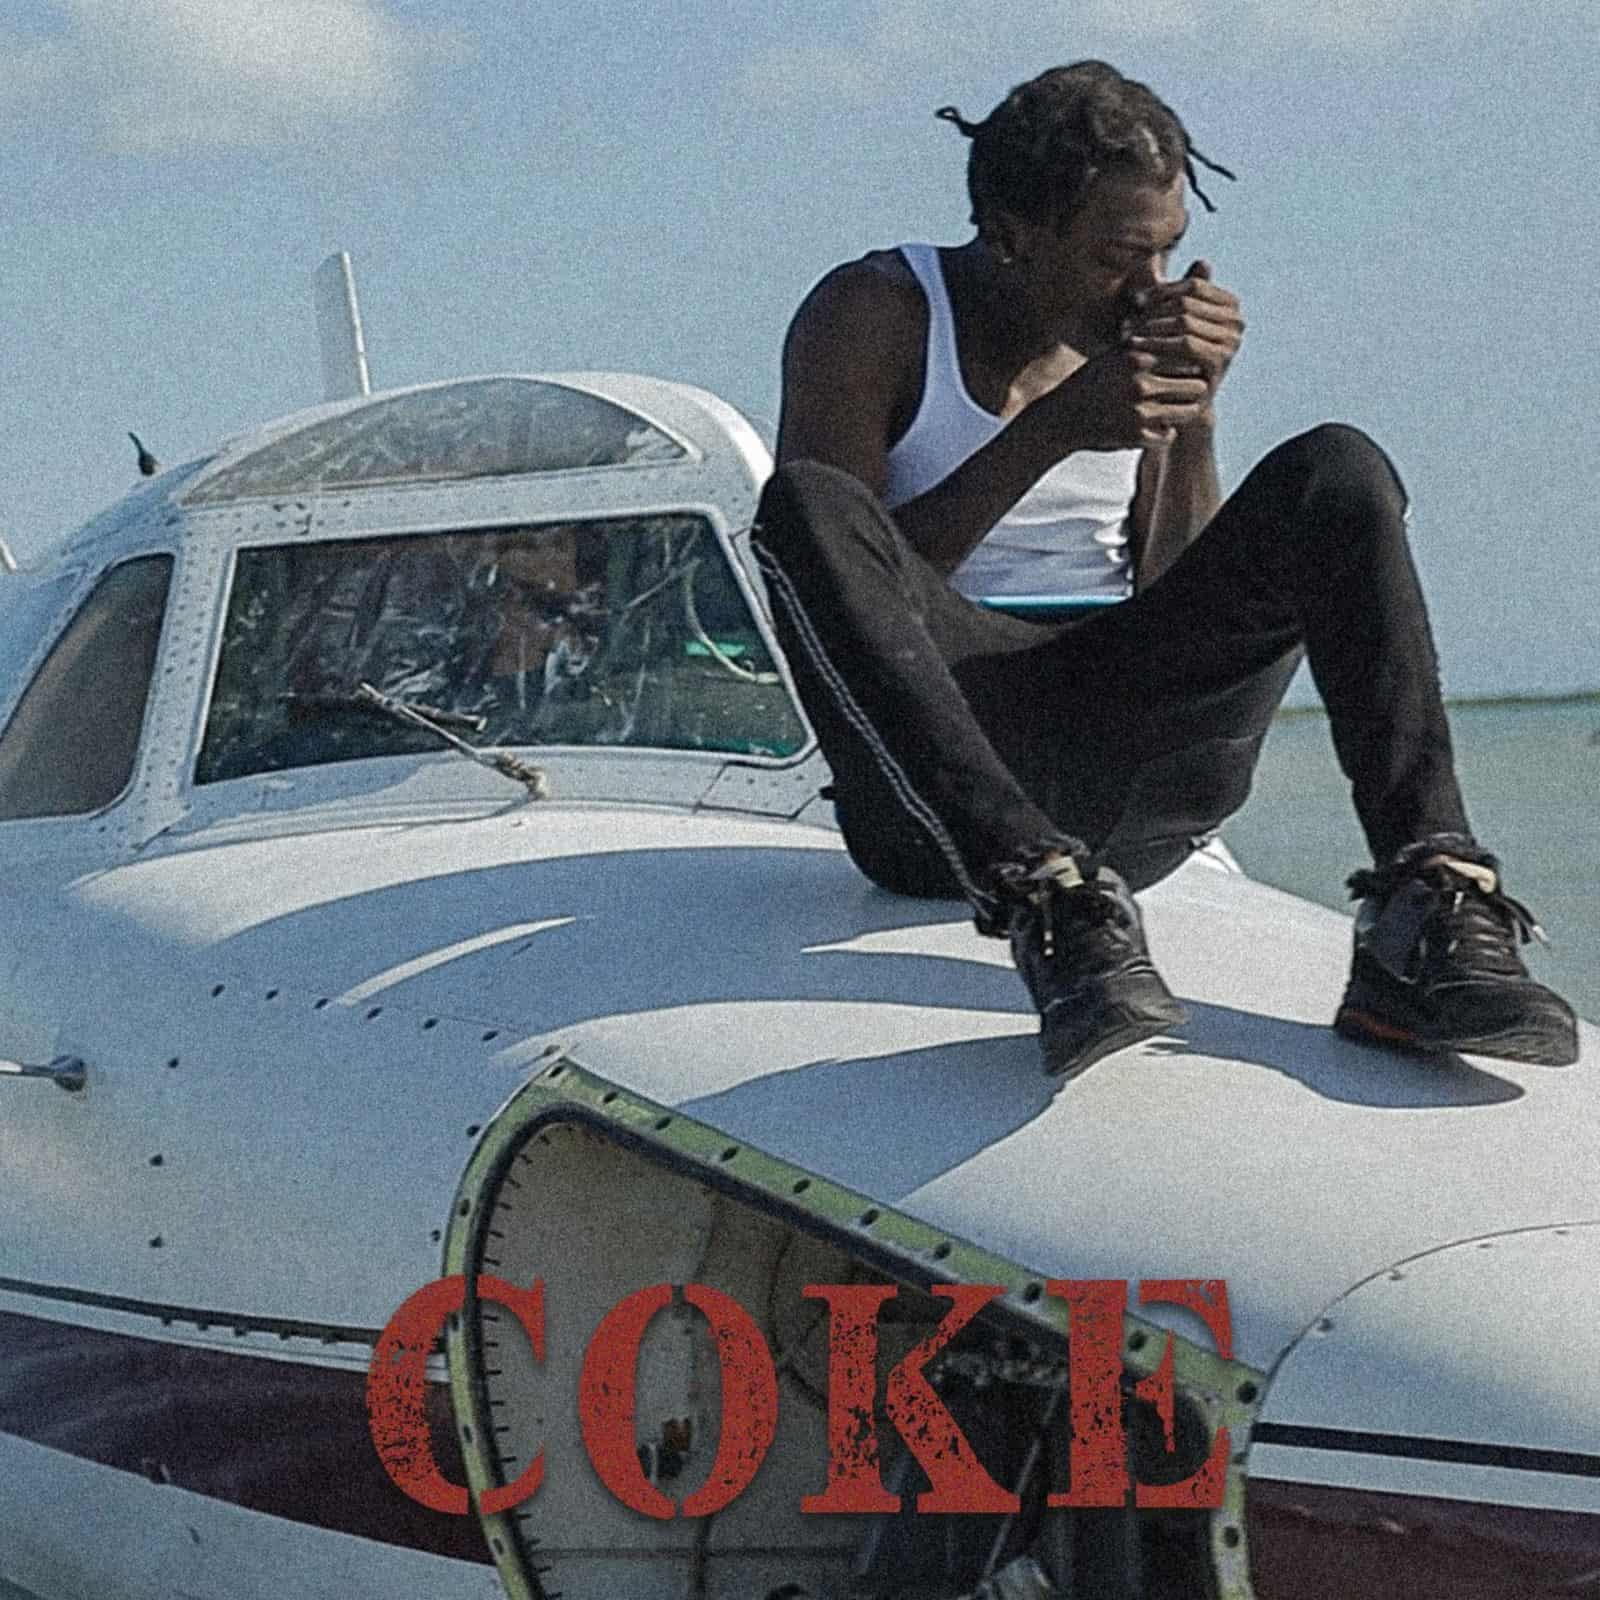 Skillibeng - Coke - EastSyde Records